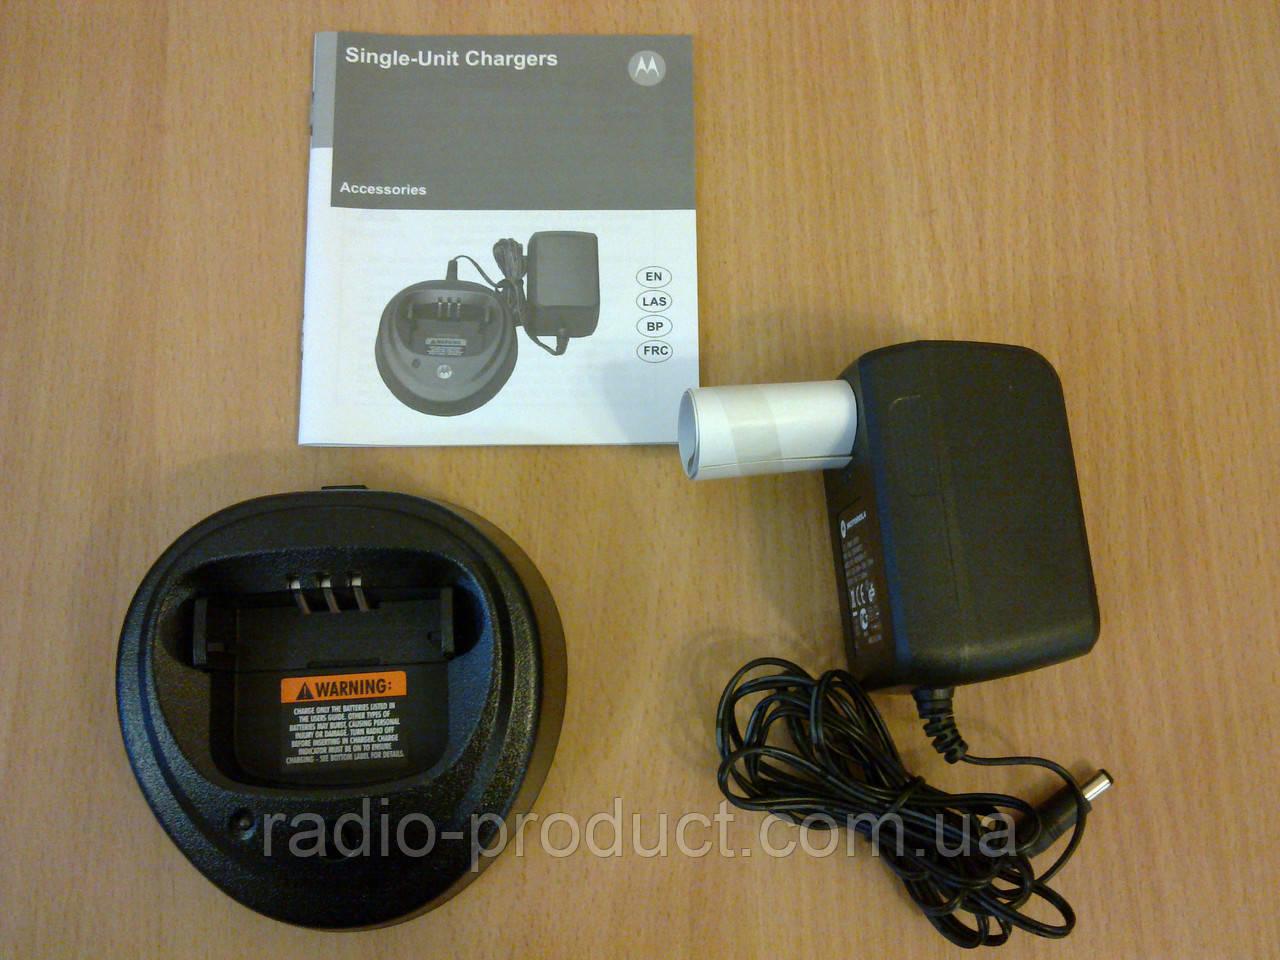 Motorola WPLN4137 быстрое зарядное устройство для Motorola CP-040, CP-140, etc